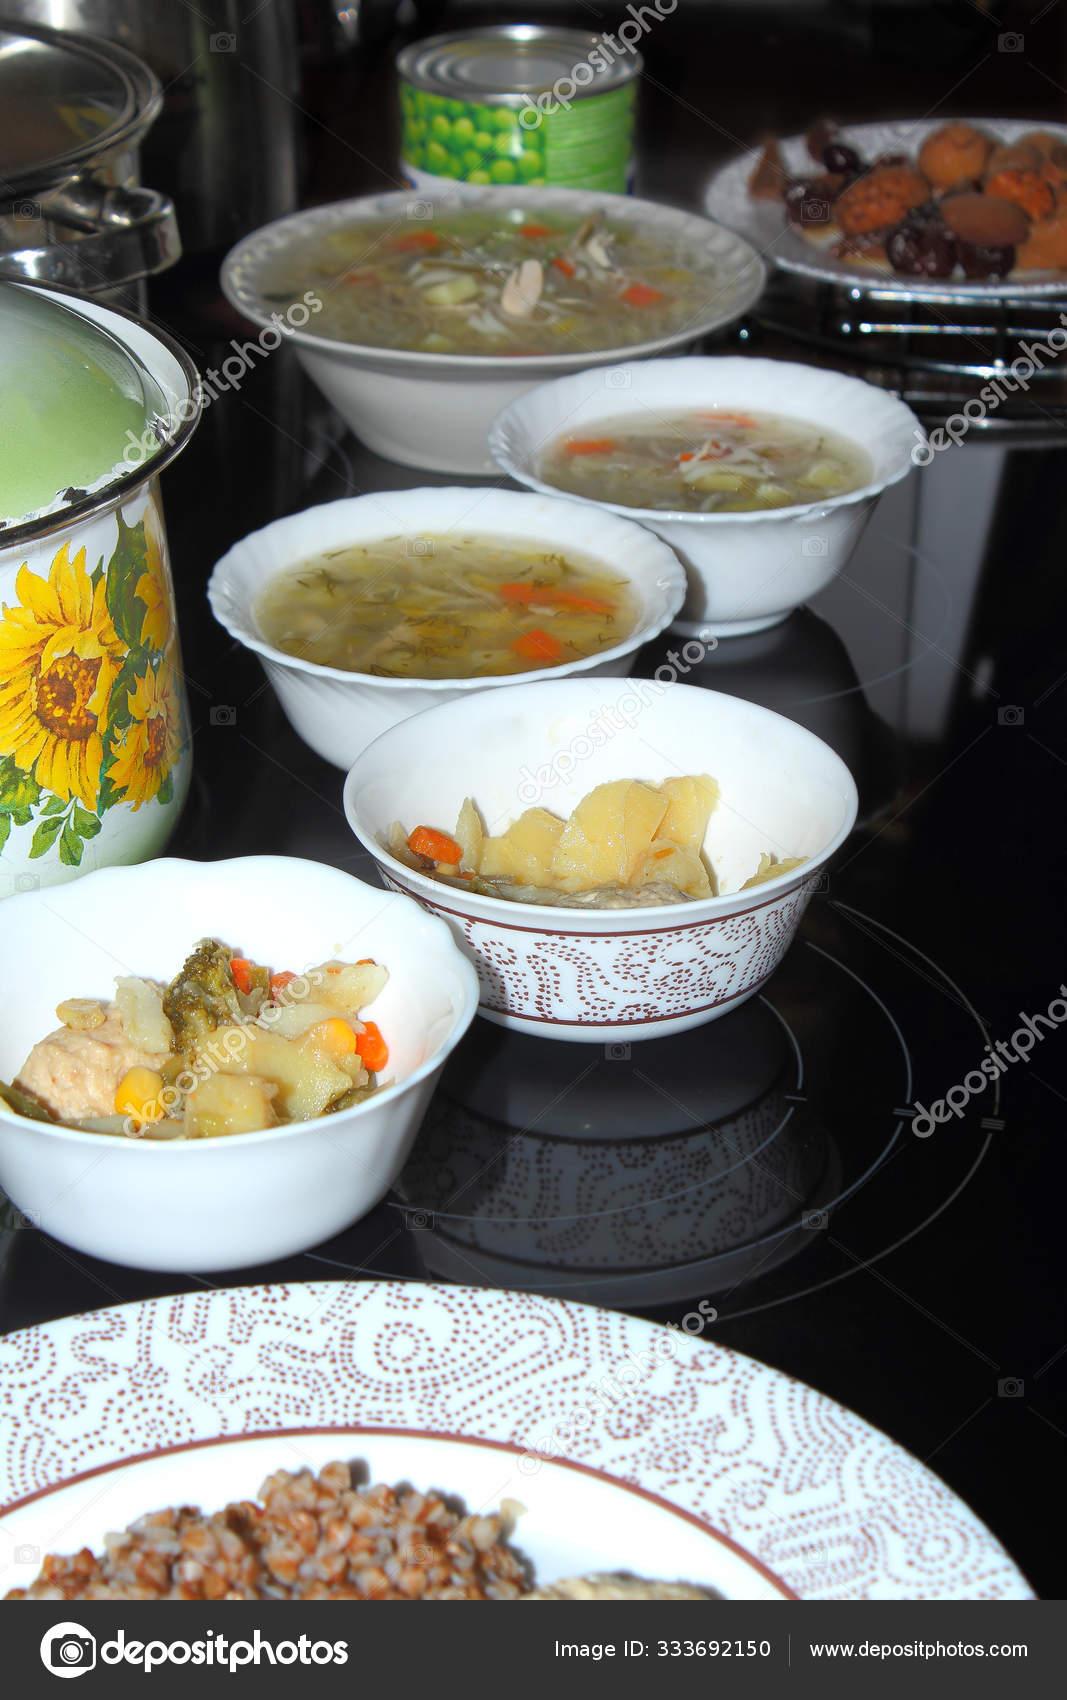 Plates Food Pans Table Plates Contain Soup Porridge Potatoes Meat Stock Photo C Fomich Off 333692150